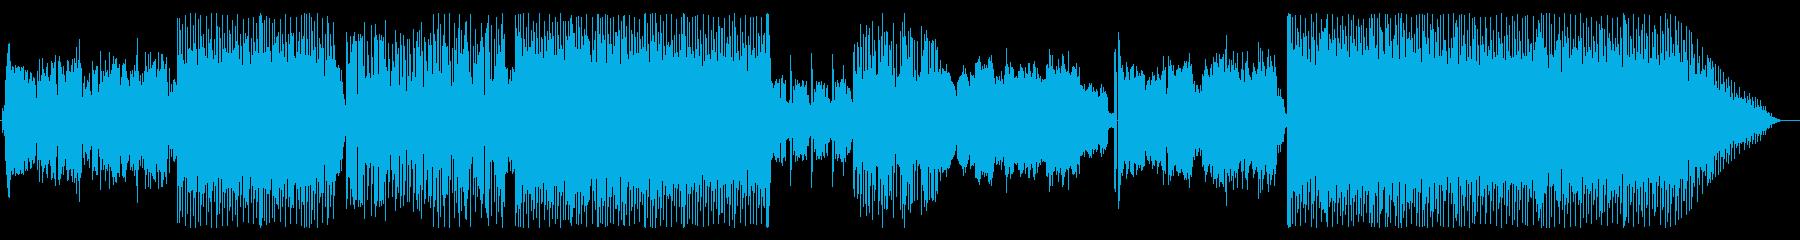 ポジティブポップスの再生済みの波形